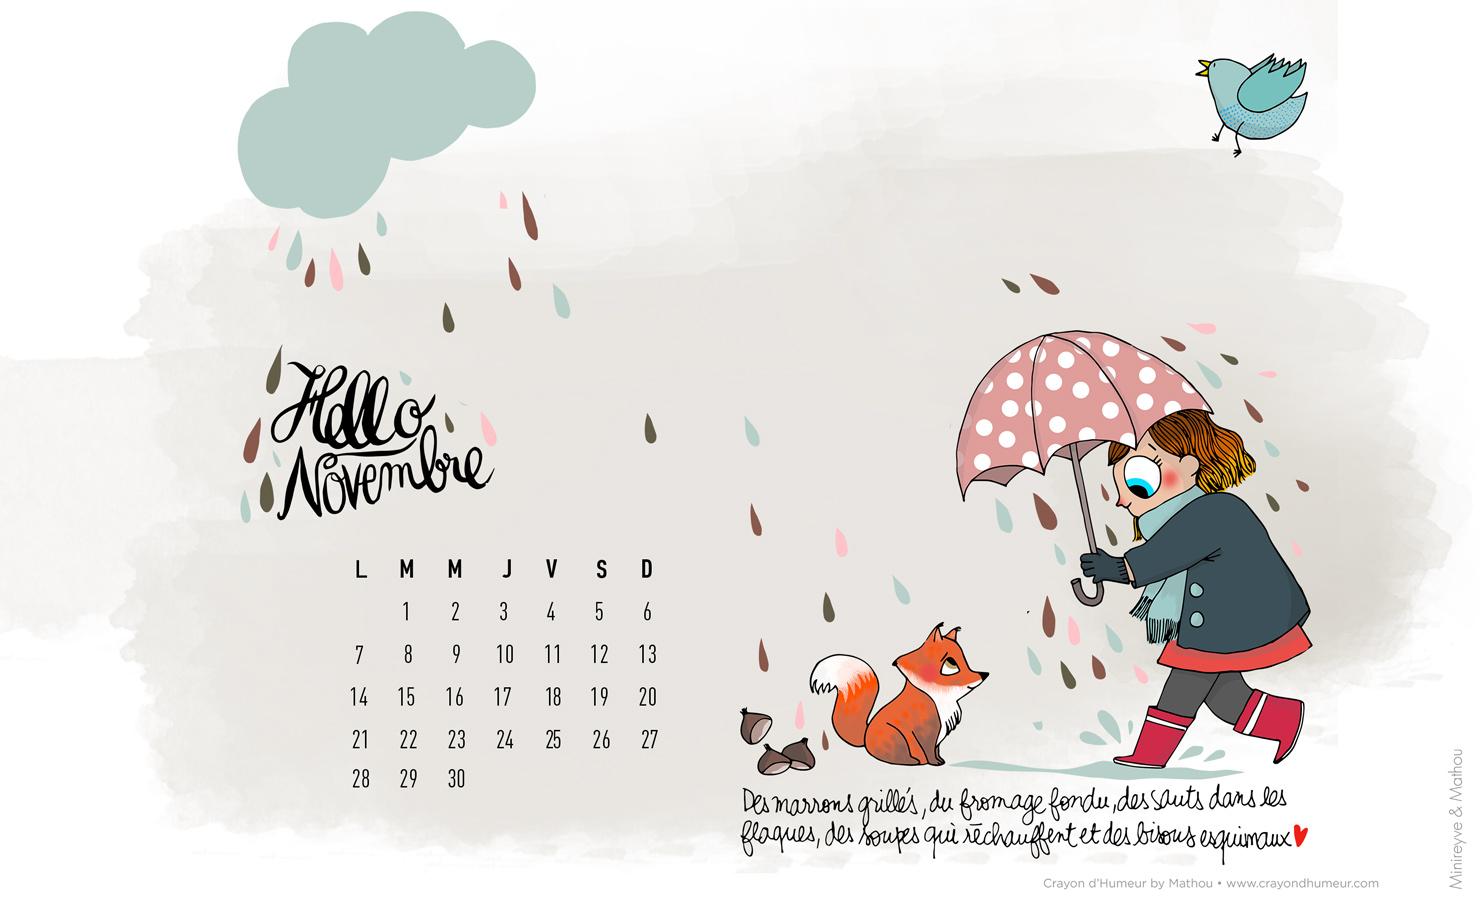 Hello novembre avec mathou minireyve for Fond ecran novembre